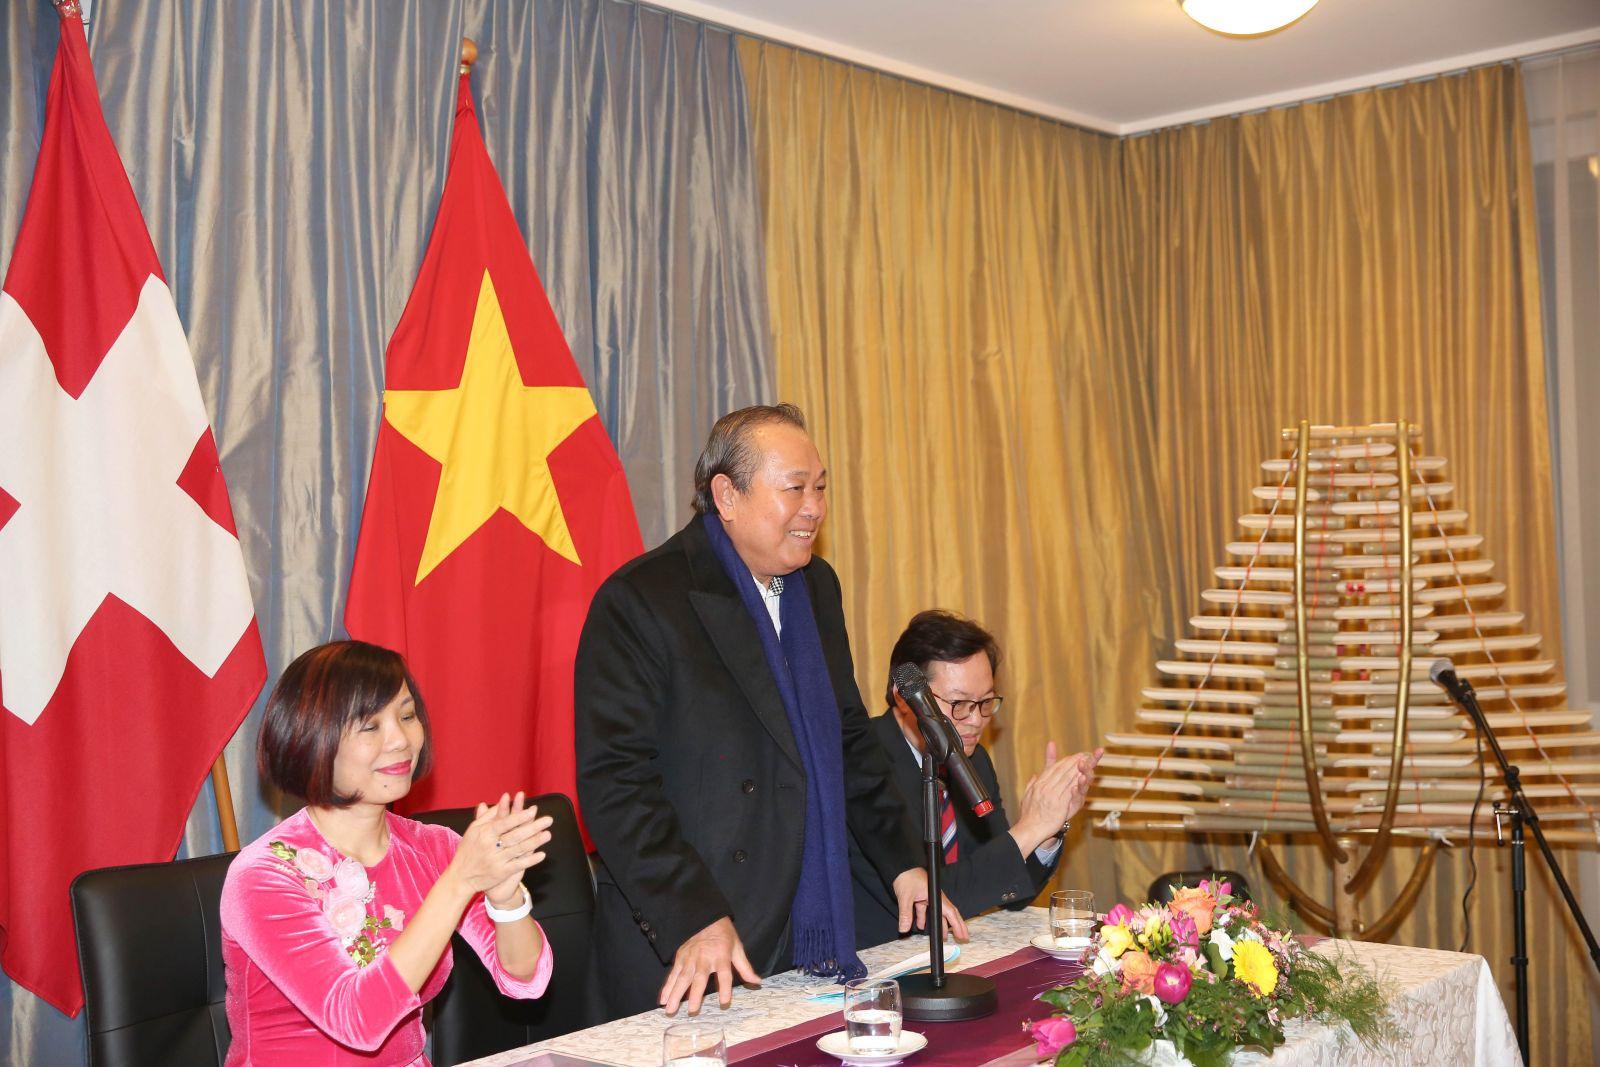 Phó Thủ tướng Thường trực Chính phủ Trương Hòa Bình nói chuyện thân mật với cộng đồng người Việt tại Thụy Sĩ. Ảnh: VGP/Lê Sơn